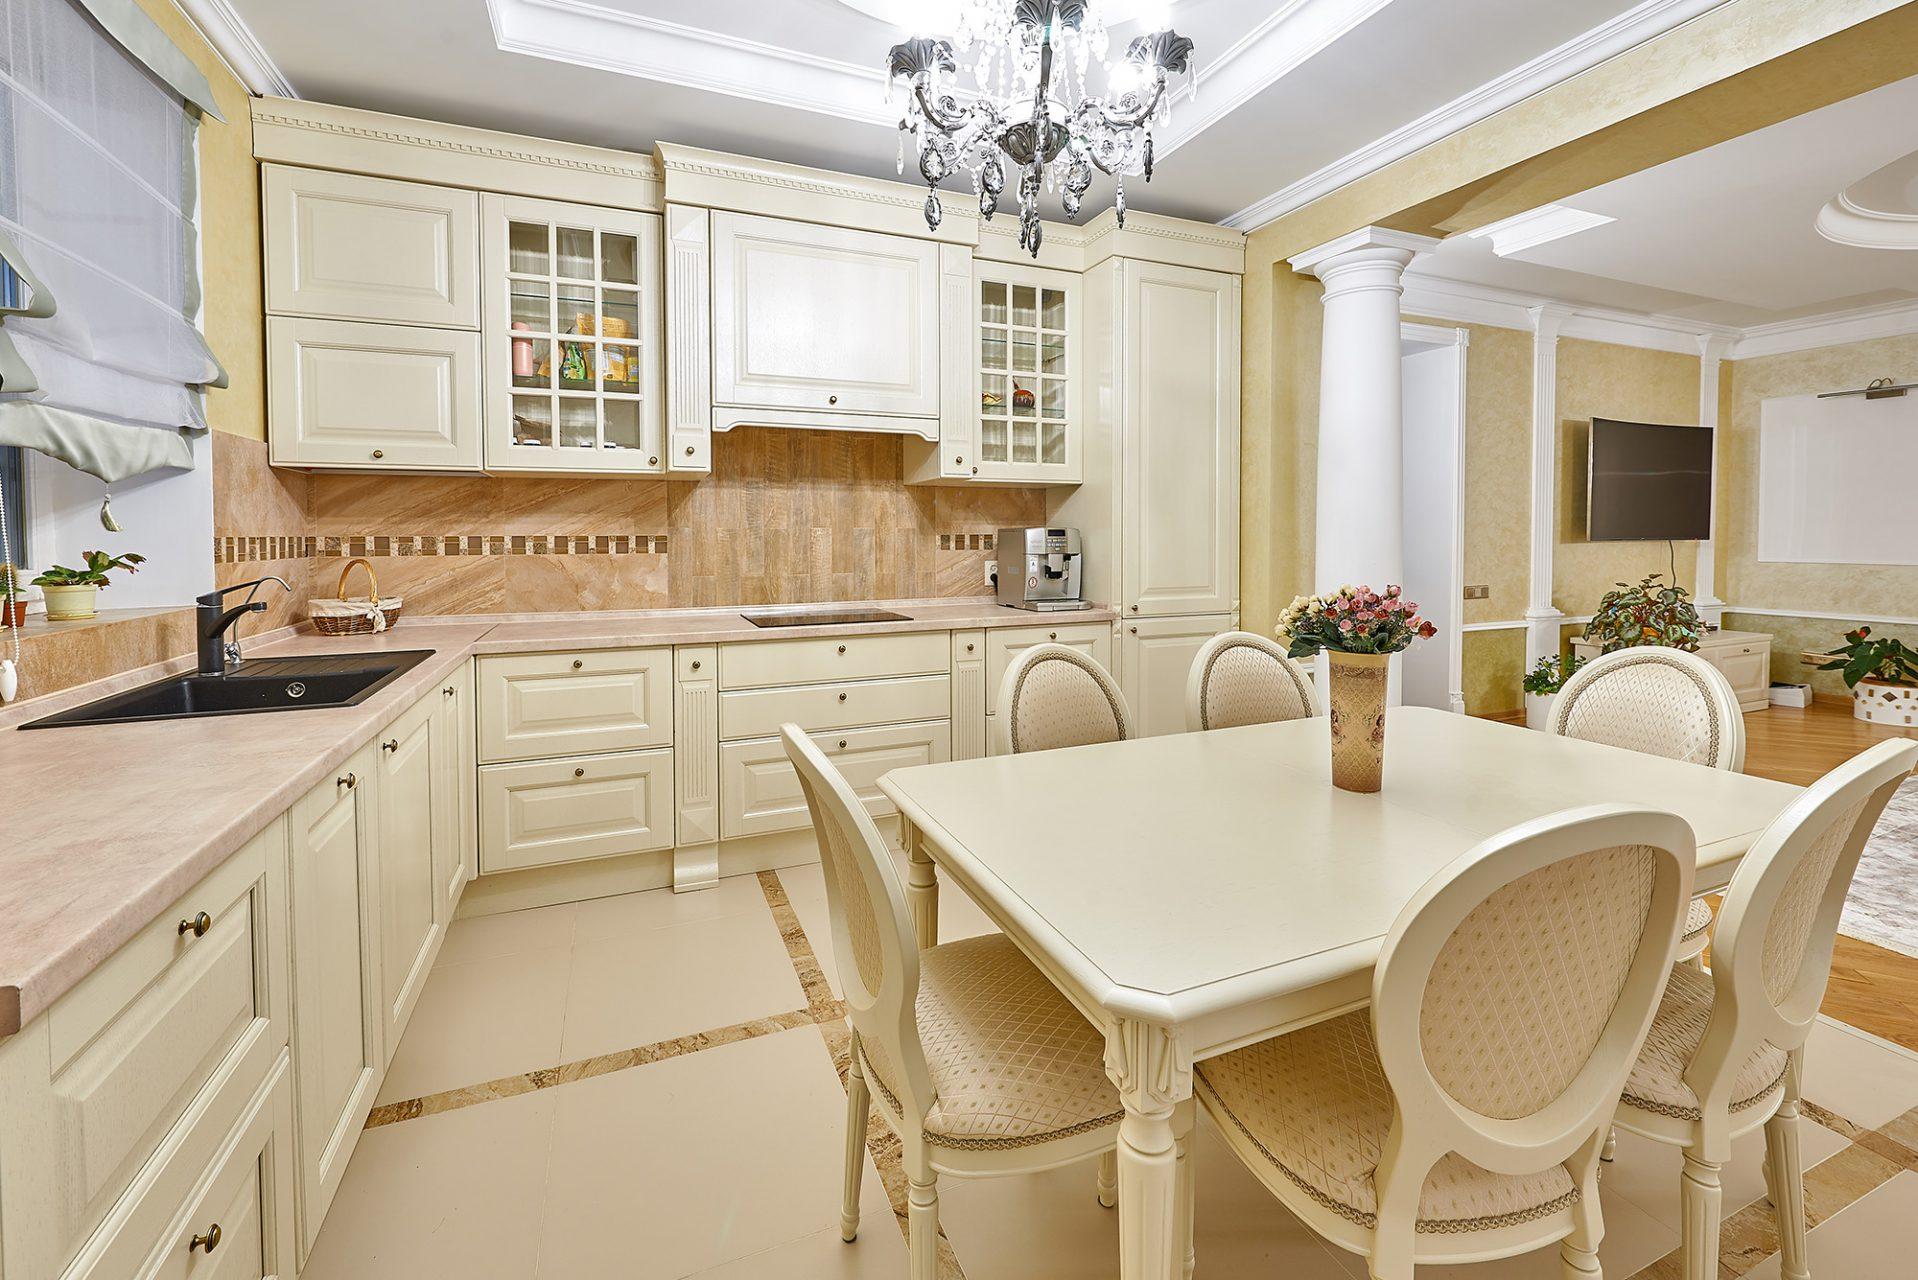 006_interior_kitchen3_korneychikeu